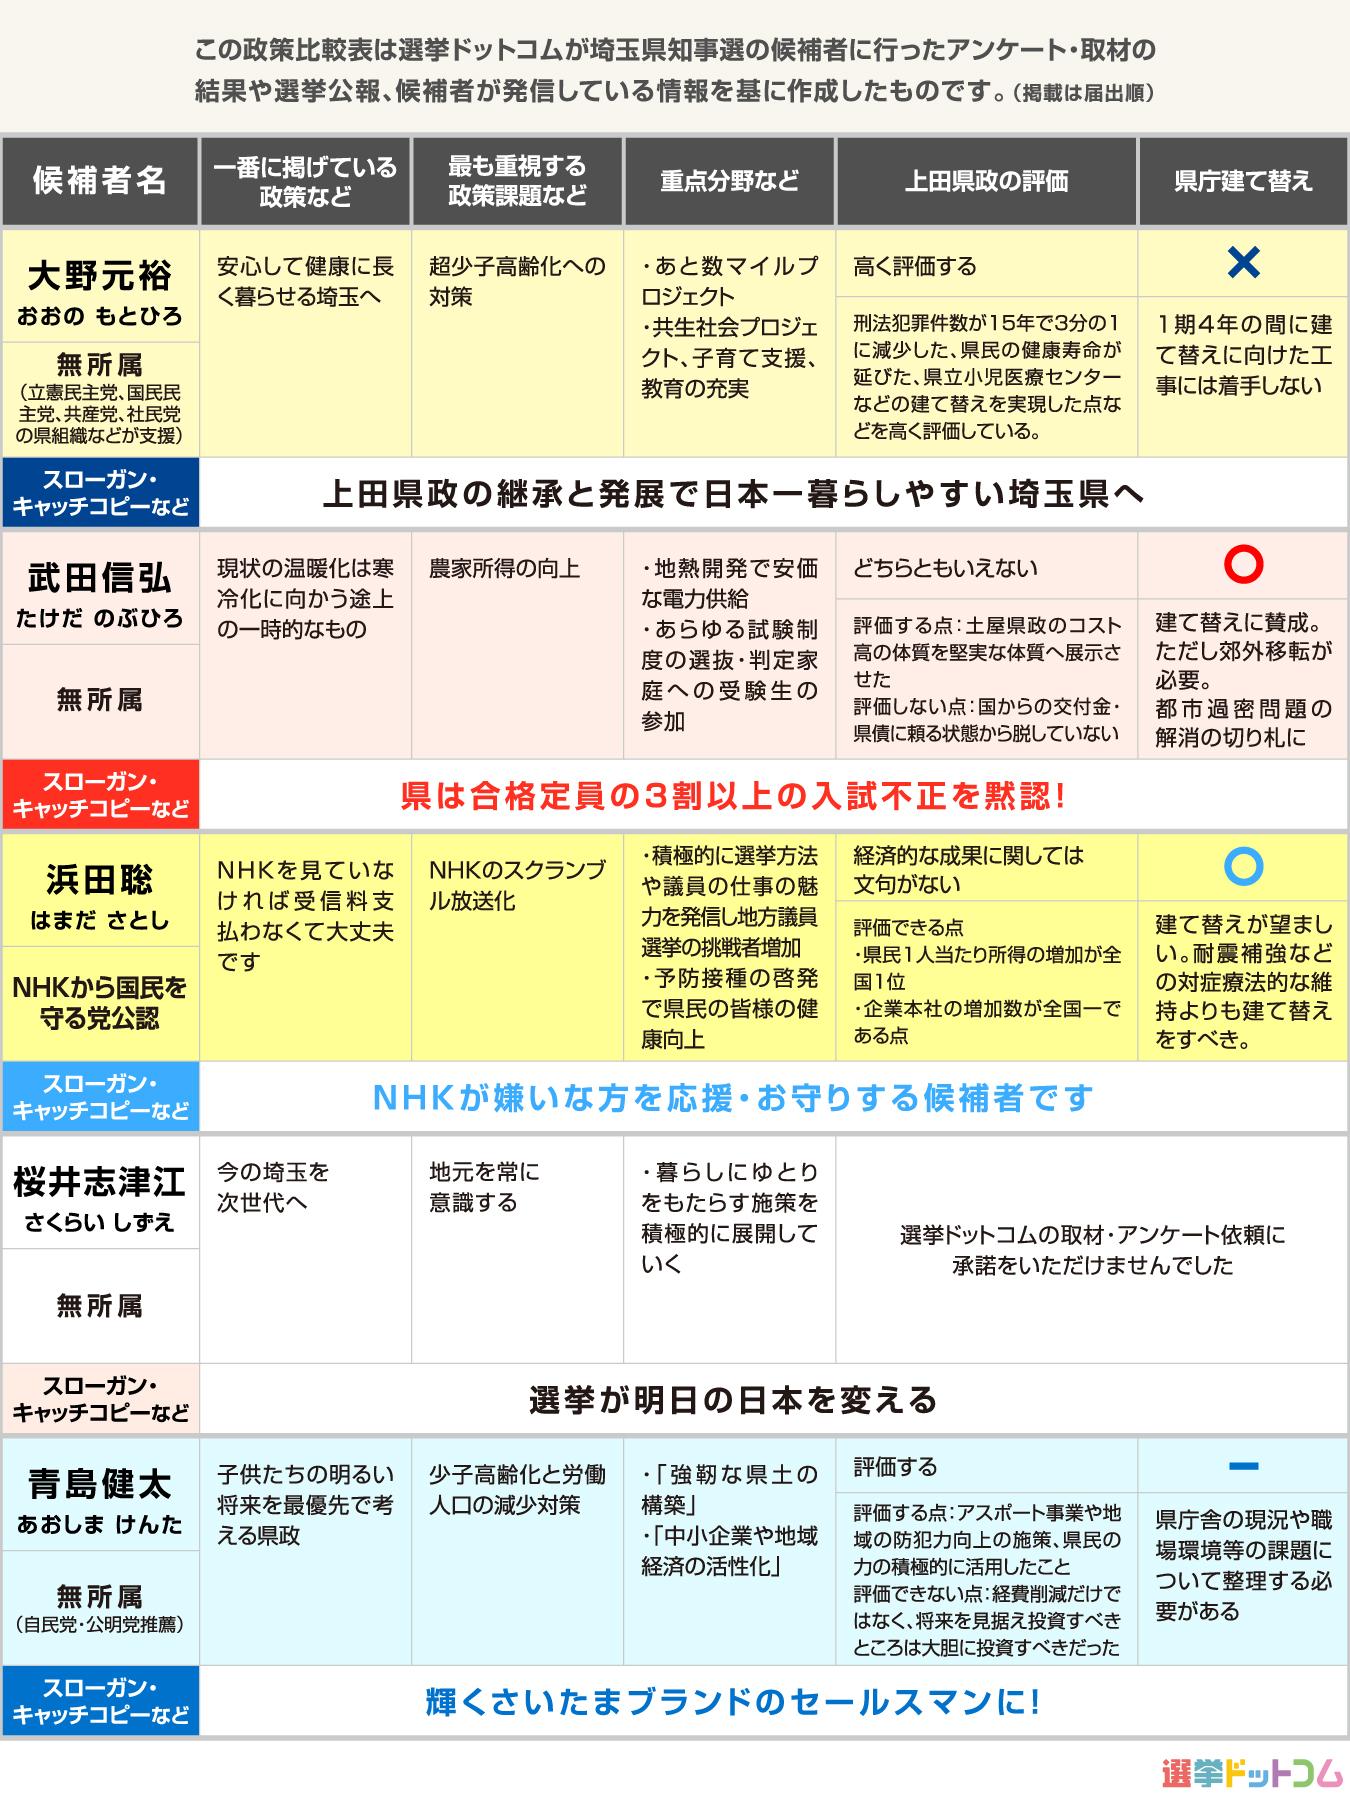 埼玉 県 知事 選挙 立候補 者